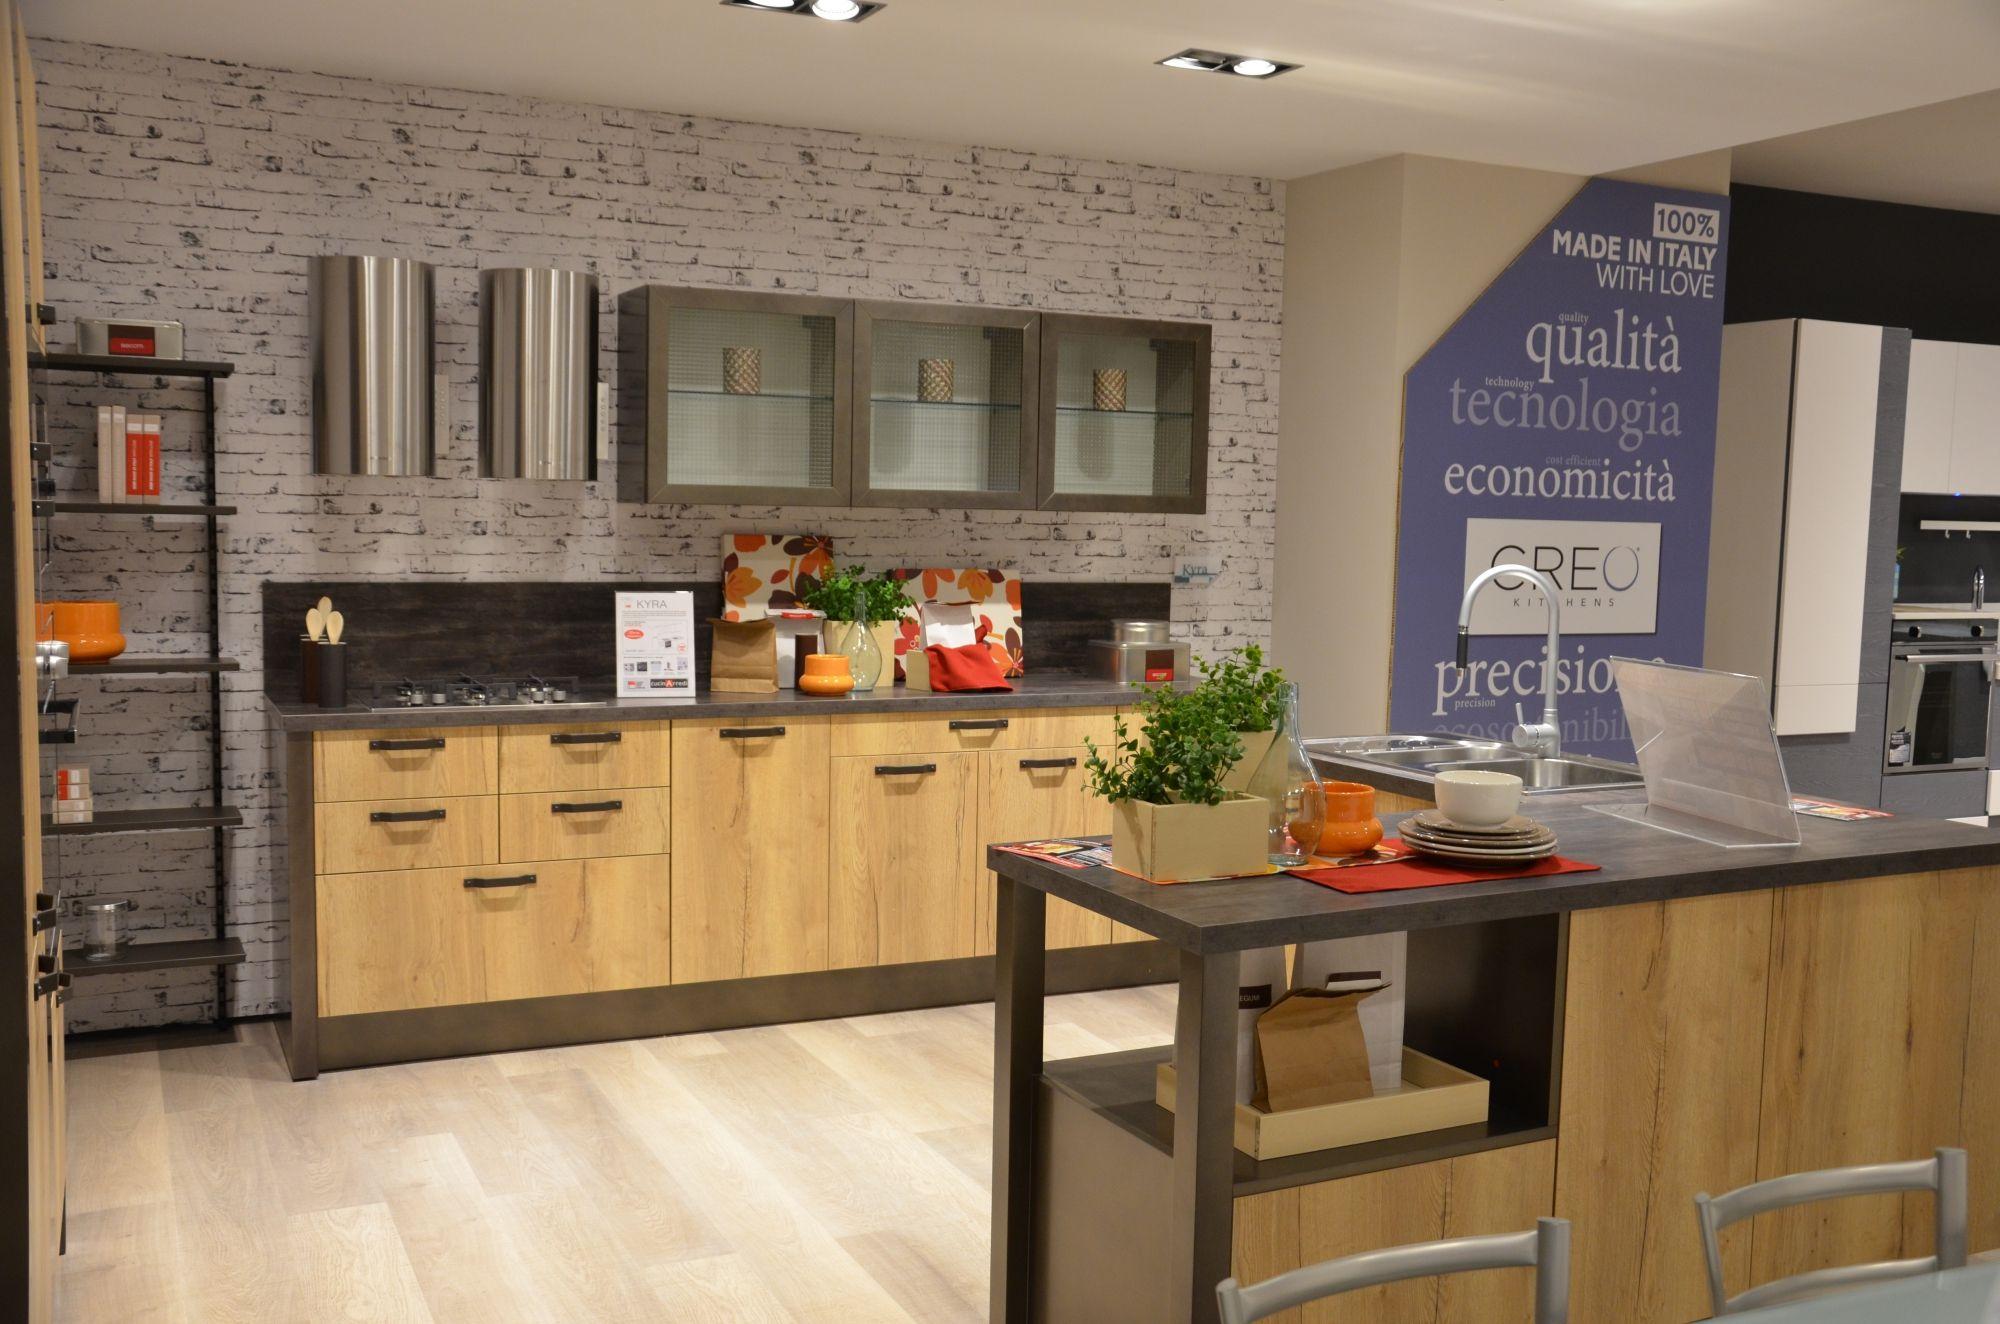 Il Gruppo Lube inaugura con Cucinarredi un nuovo punto vendita- Creo ...